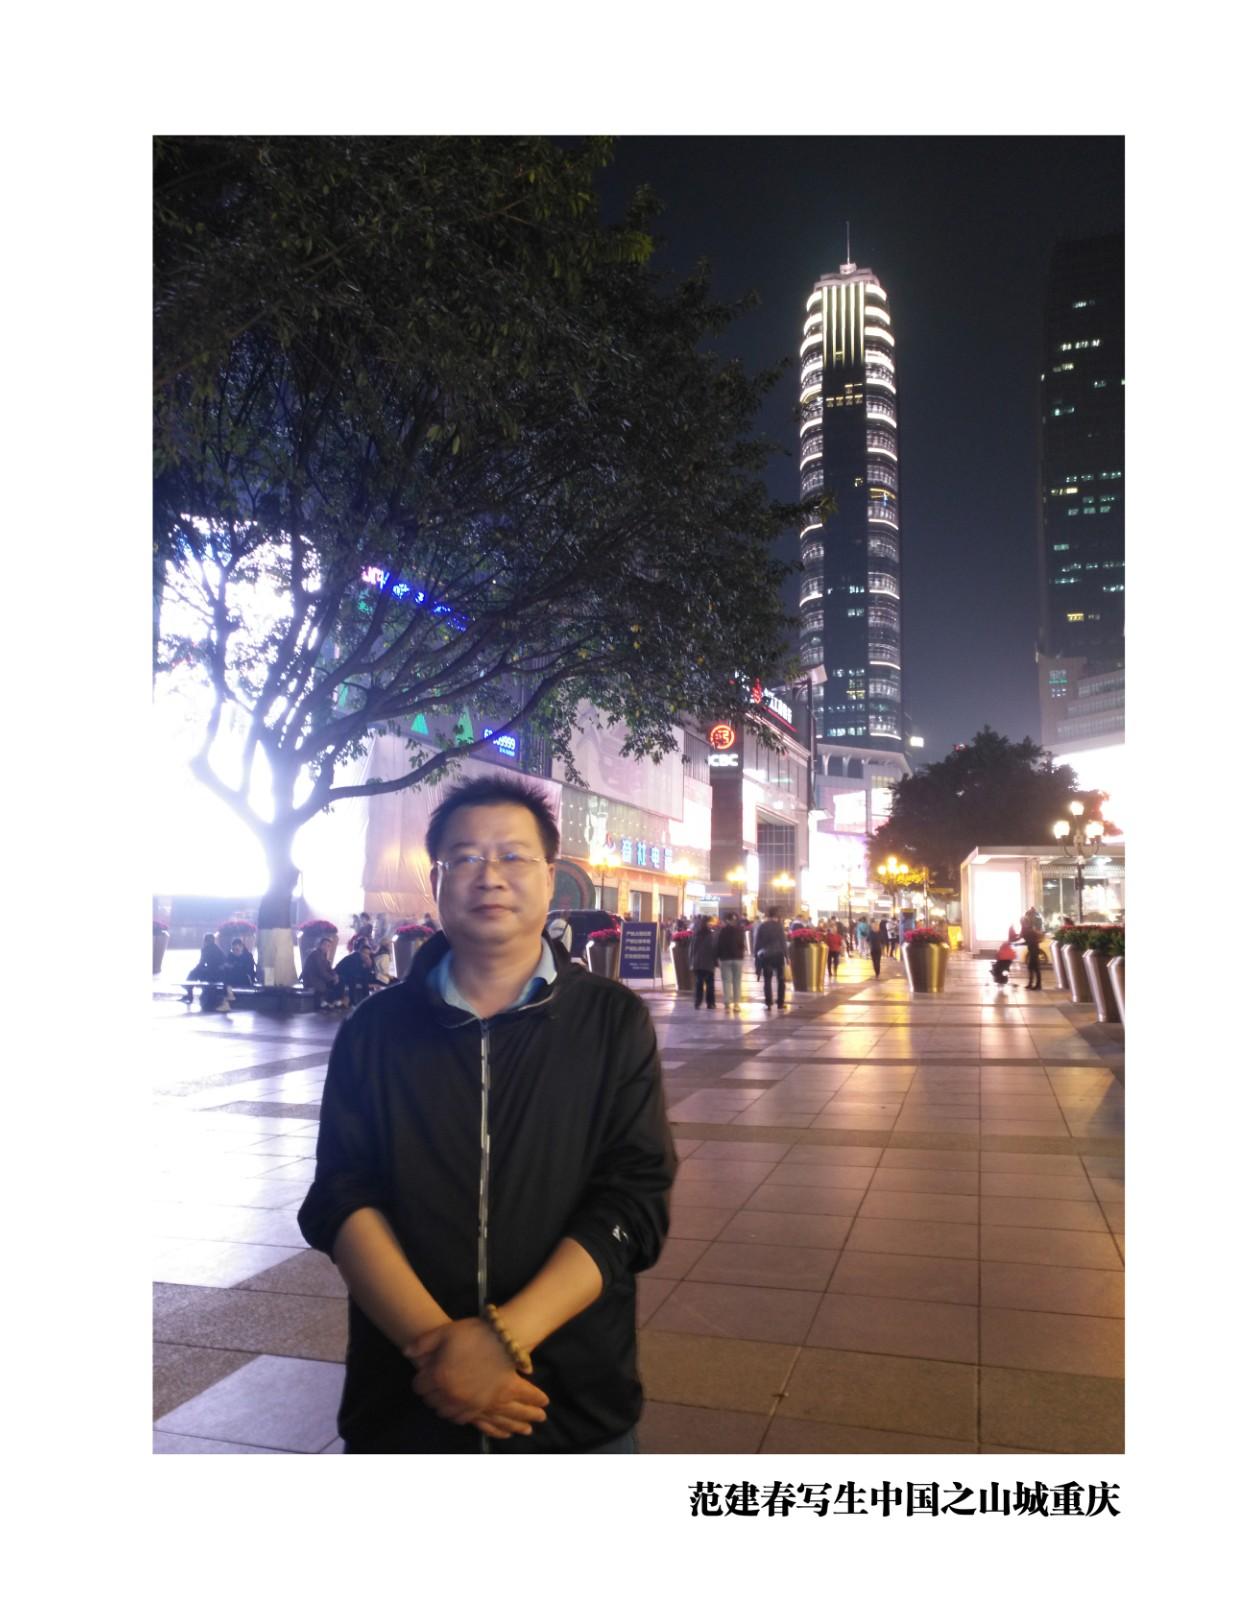 范建春老师写生中国之山城重庆_图1-1